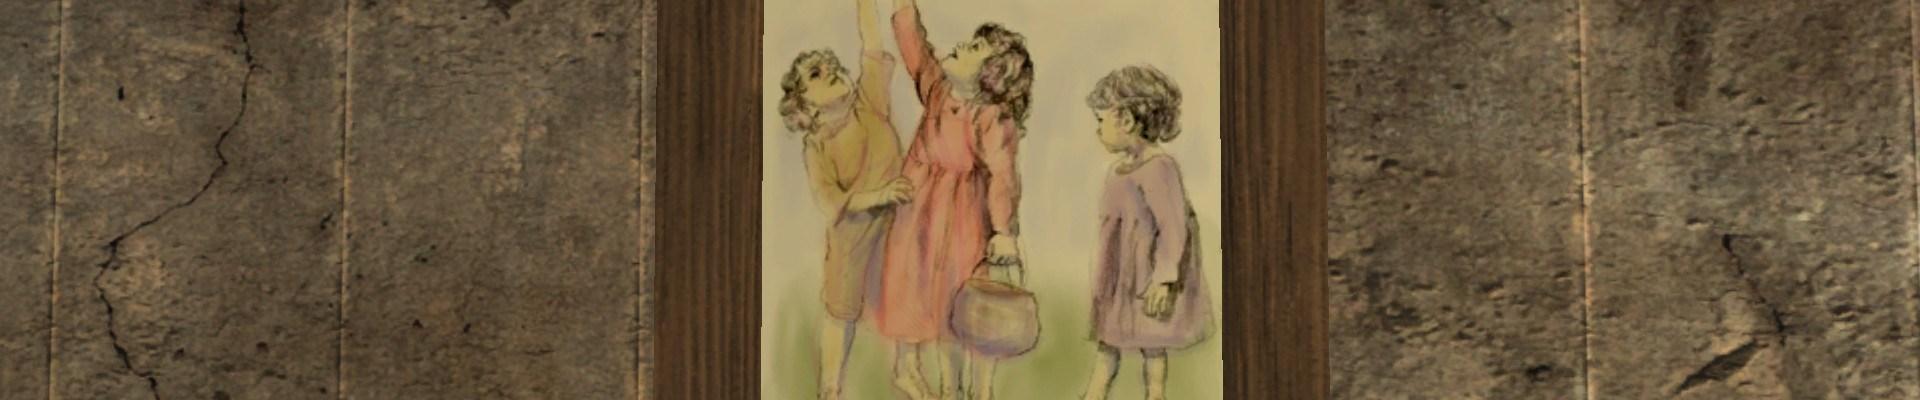 Tableau: Enfants Jouant